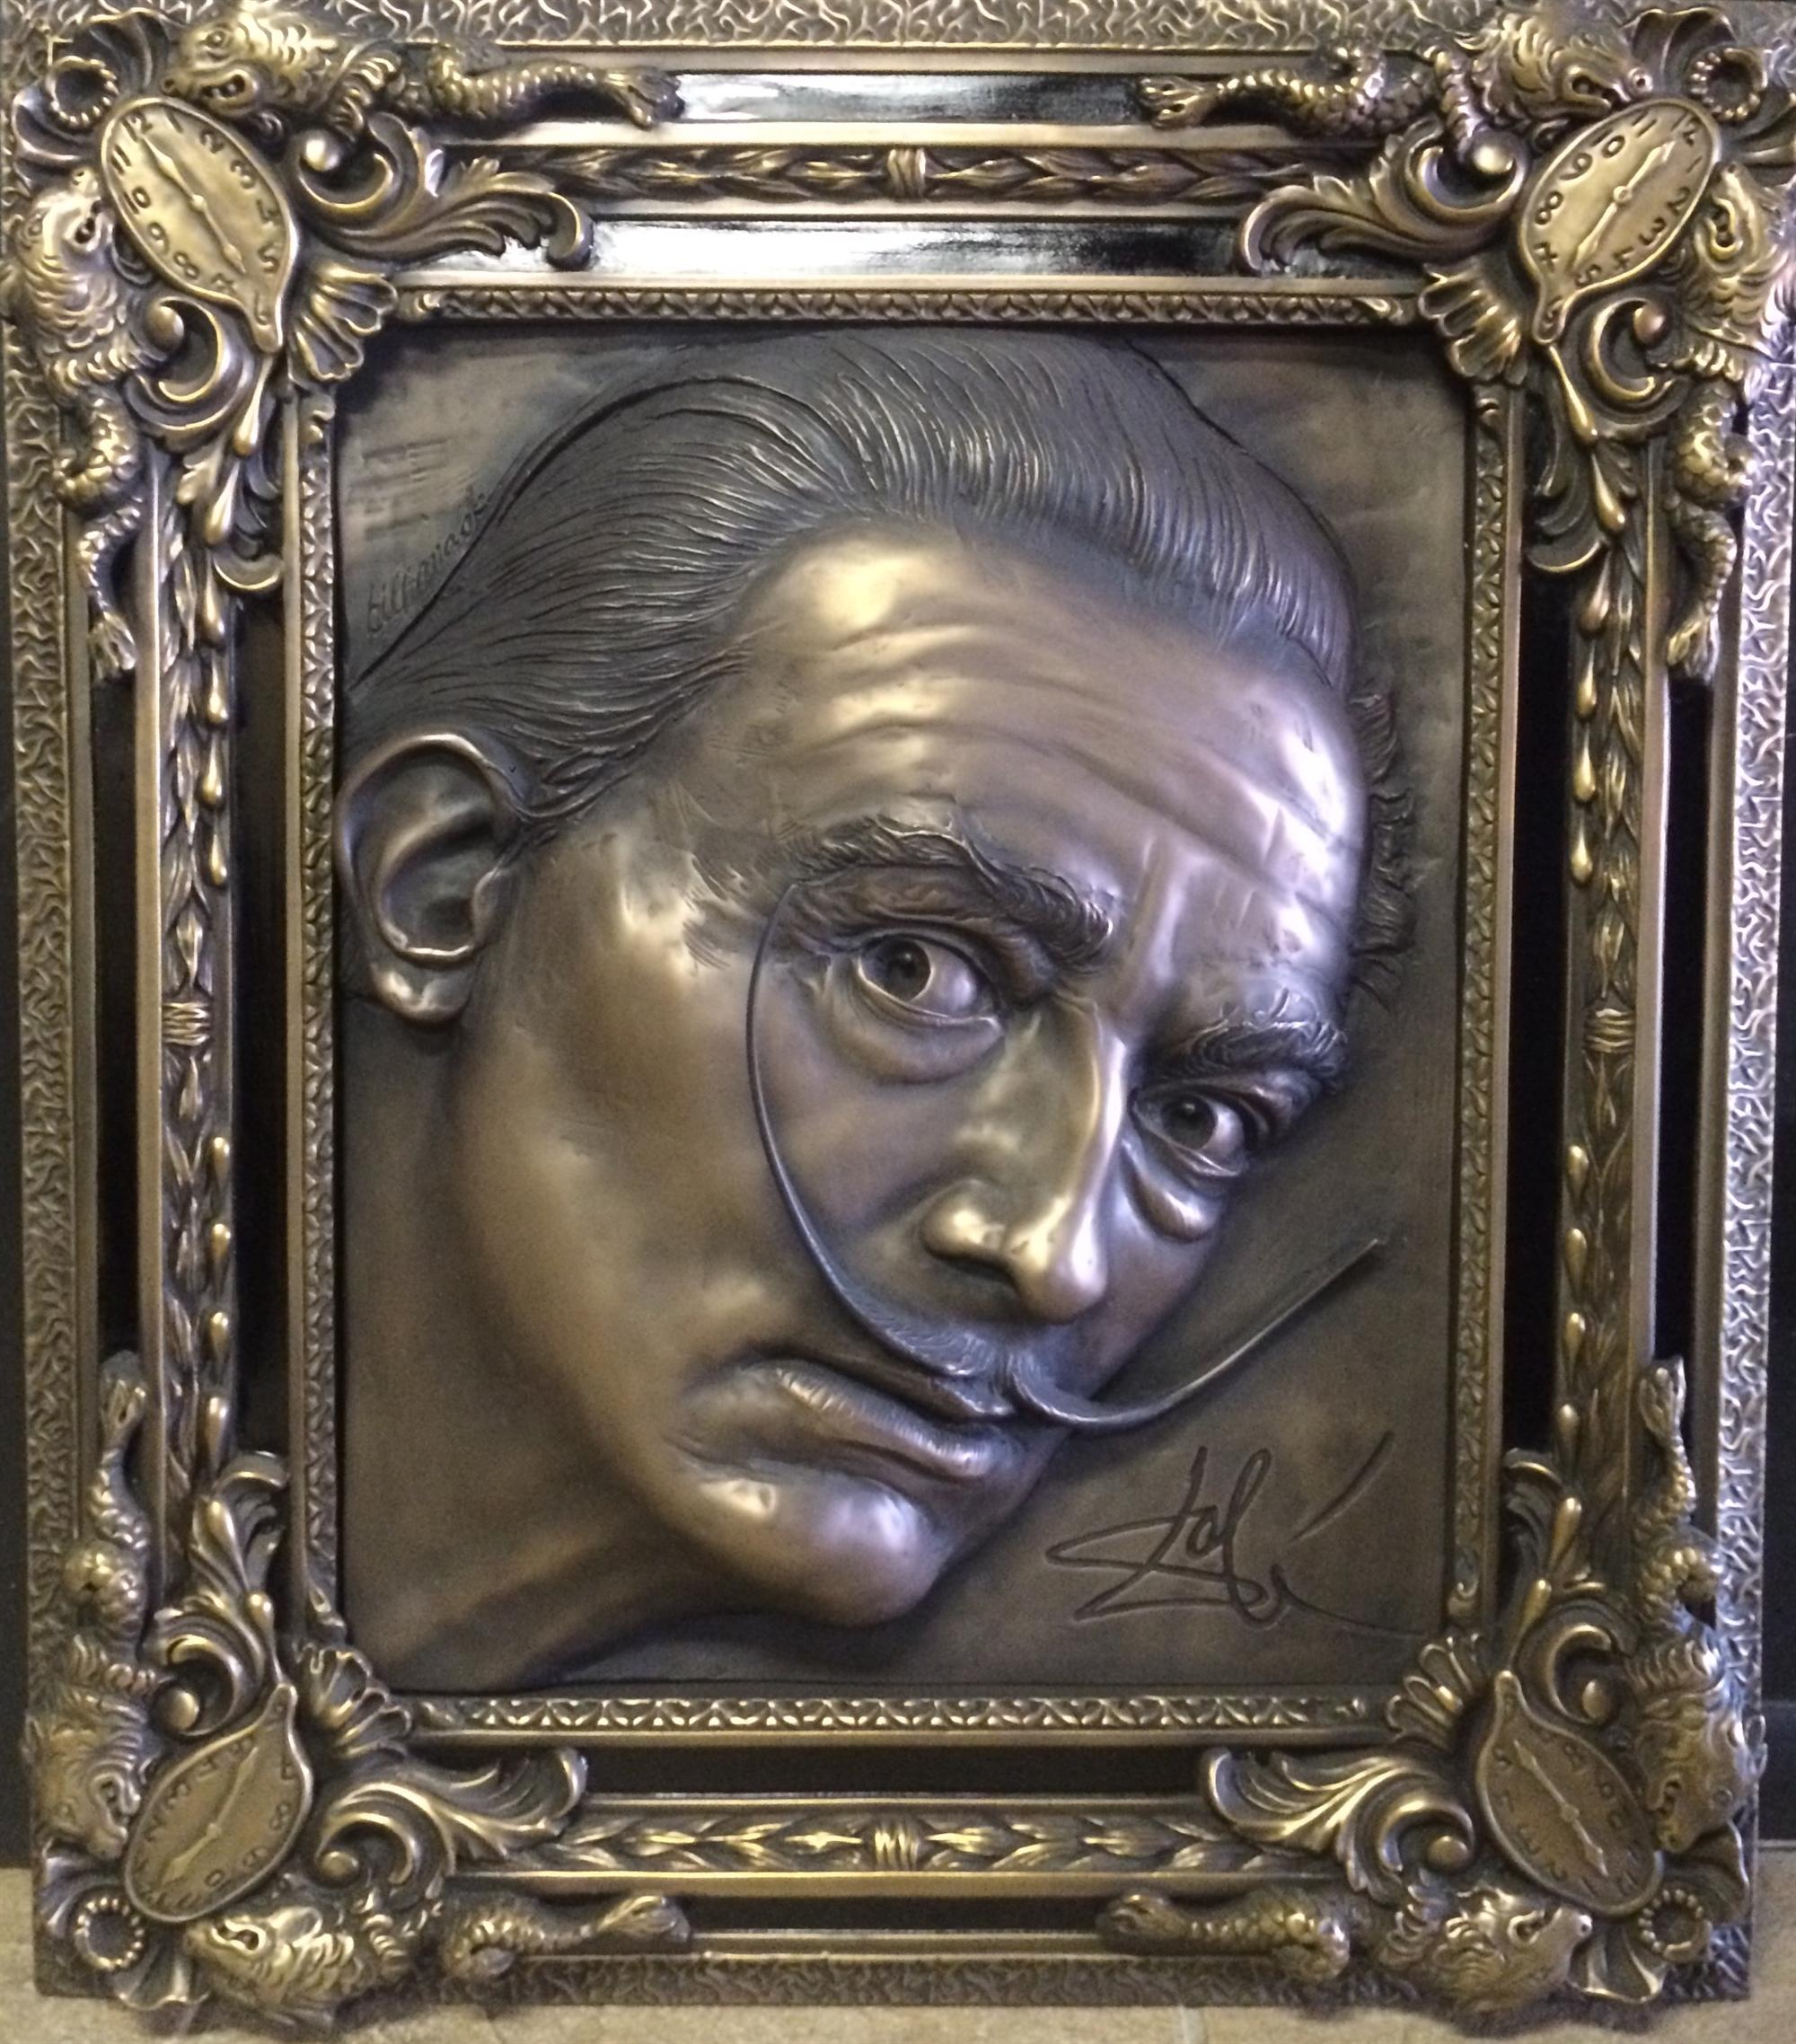 Surreal Dali - Artist Proof by Bill Mack